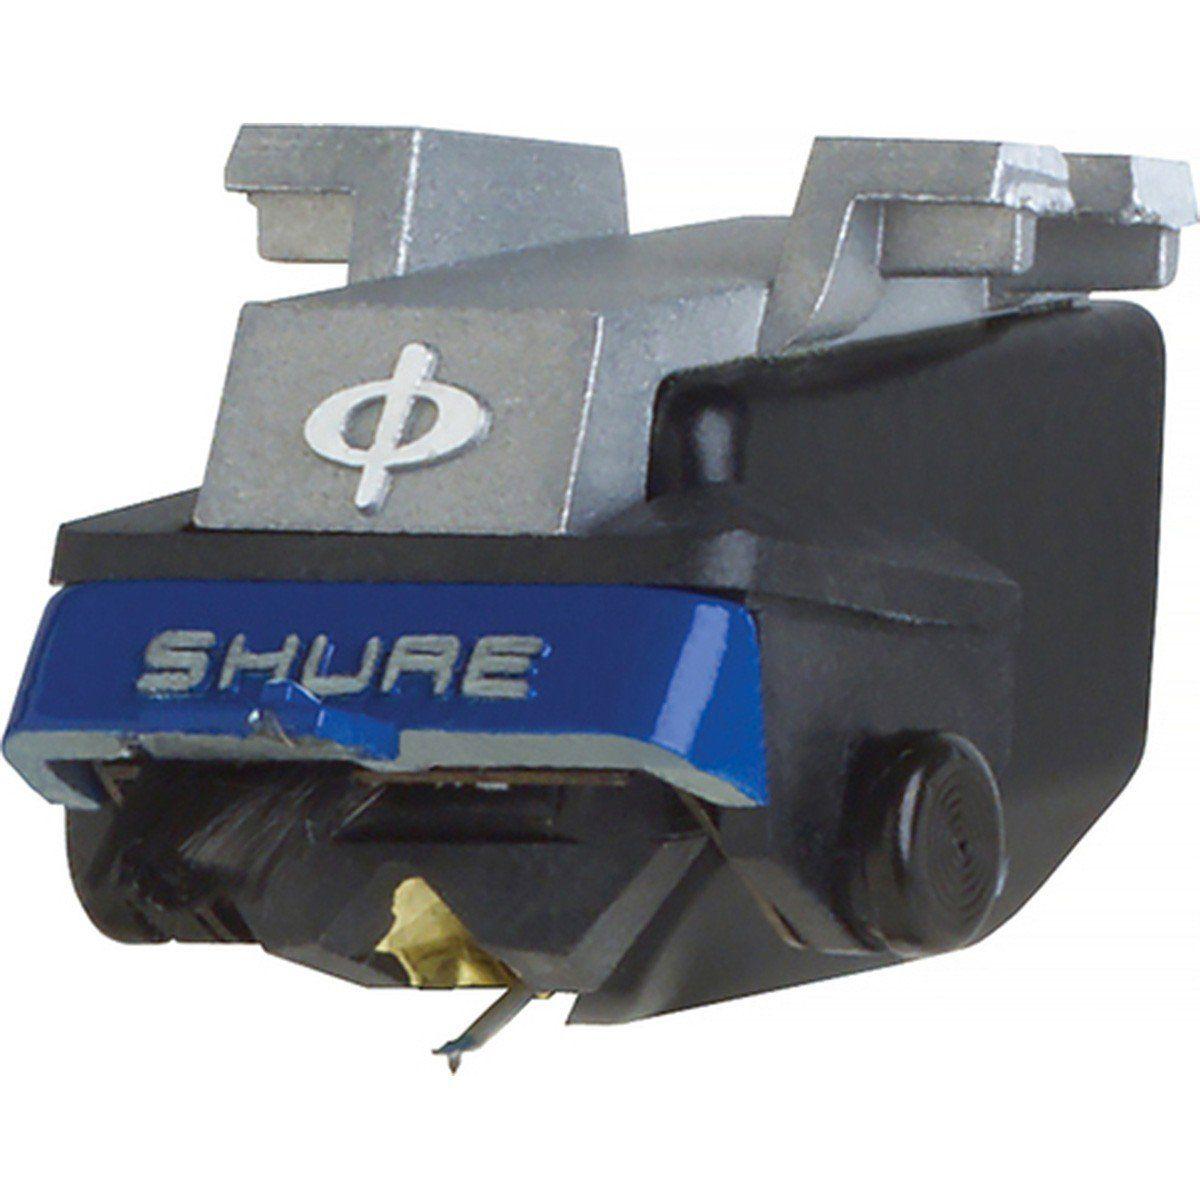 Shure M97XE Cápsula e Agulha Elíptica Shure M97xE para Audiófilos